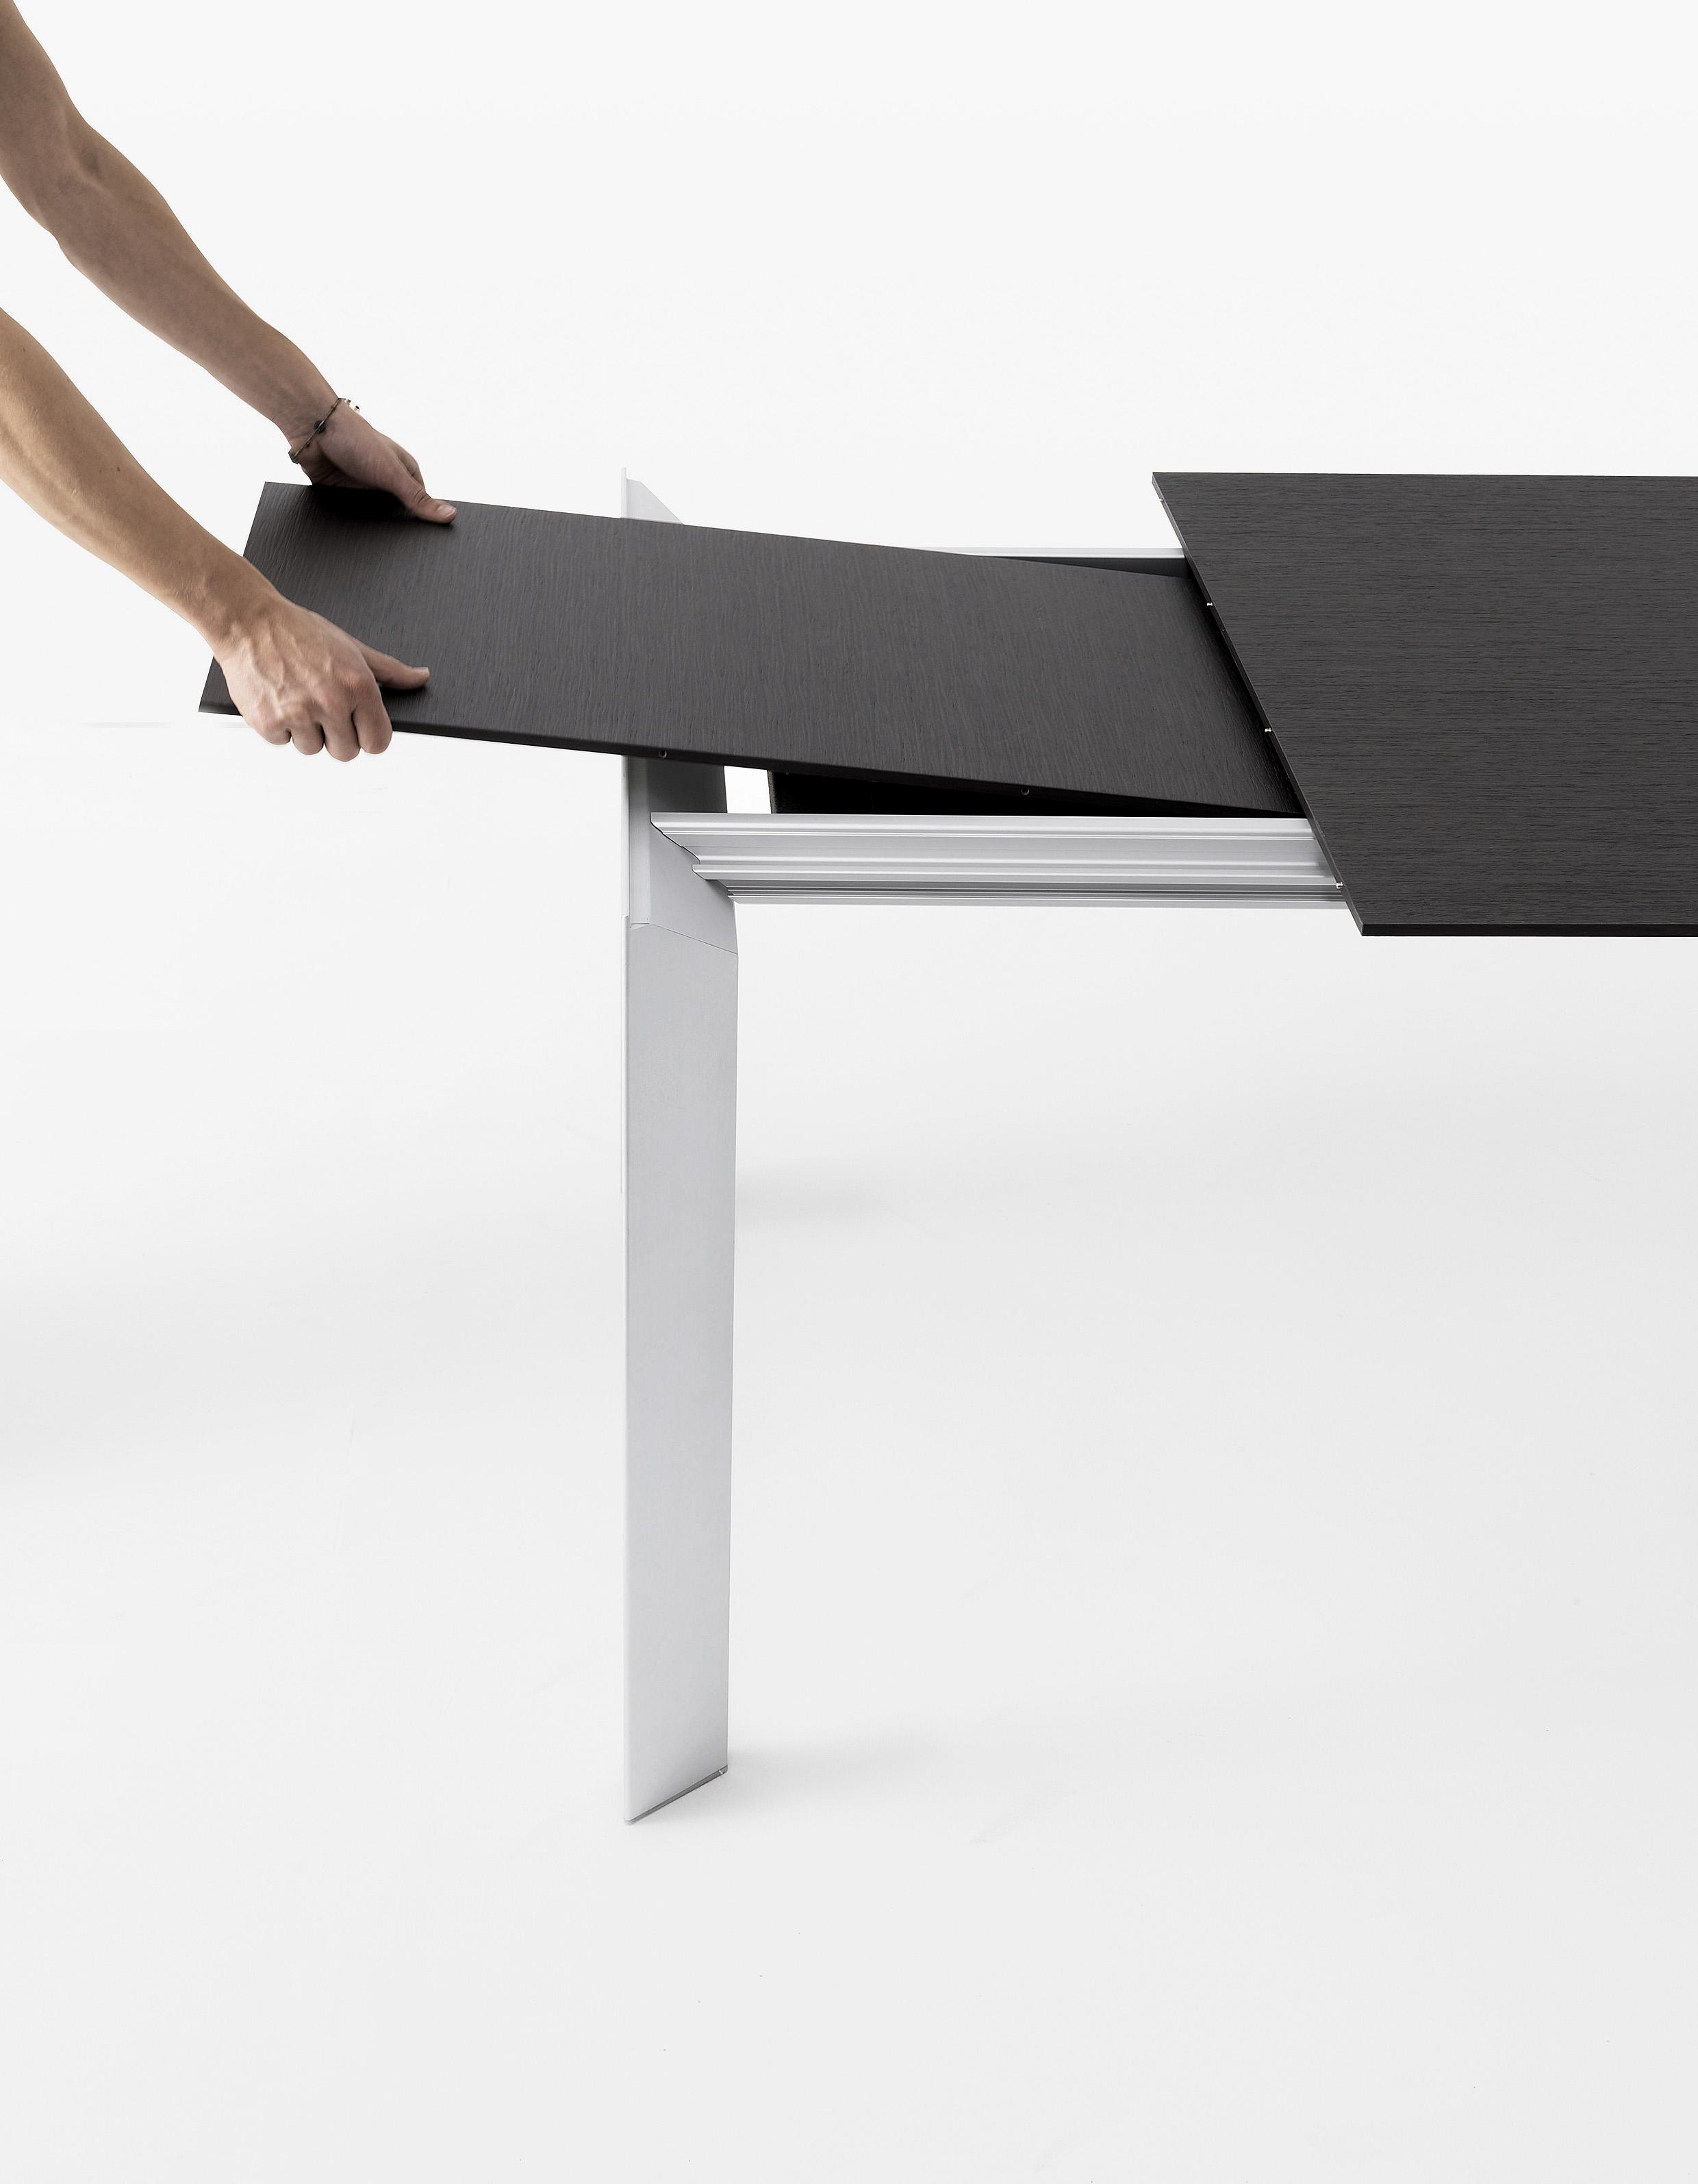 noriallungo Kristalia Verdeler Loncin design verlengbare tafel meubel zetel Leuven Brussels mechelen antwerpen vlaams-branbant Limburg Hasselt Tongeren Genk Sint-Truiden Zoutleeuw.jpg